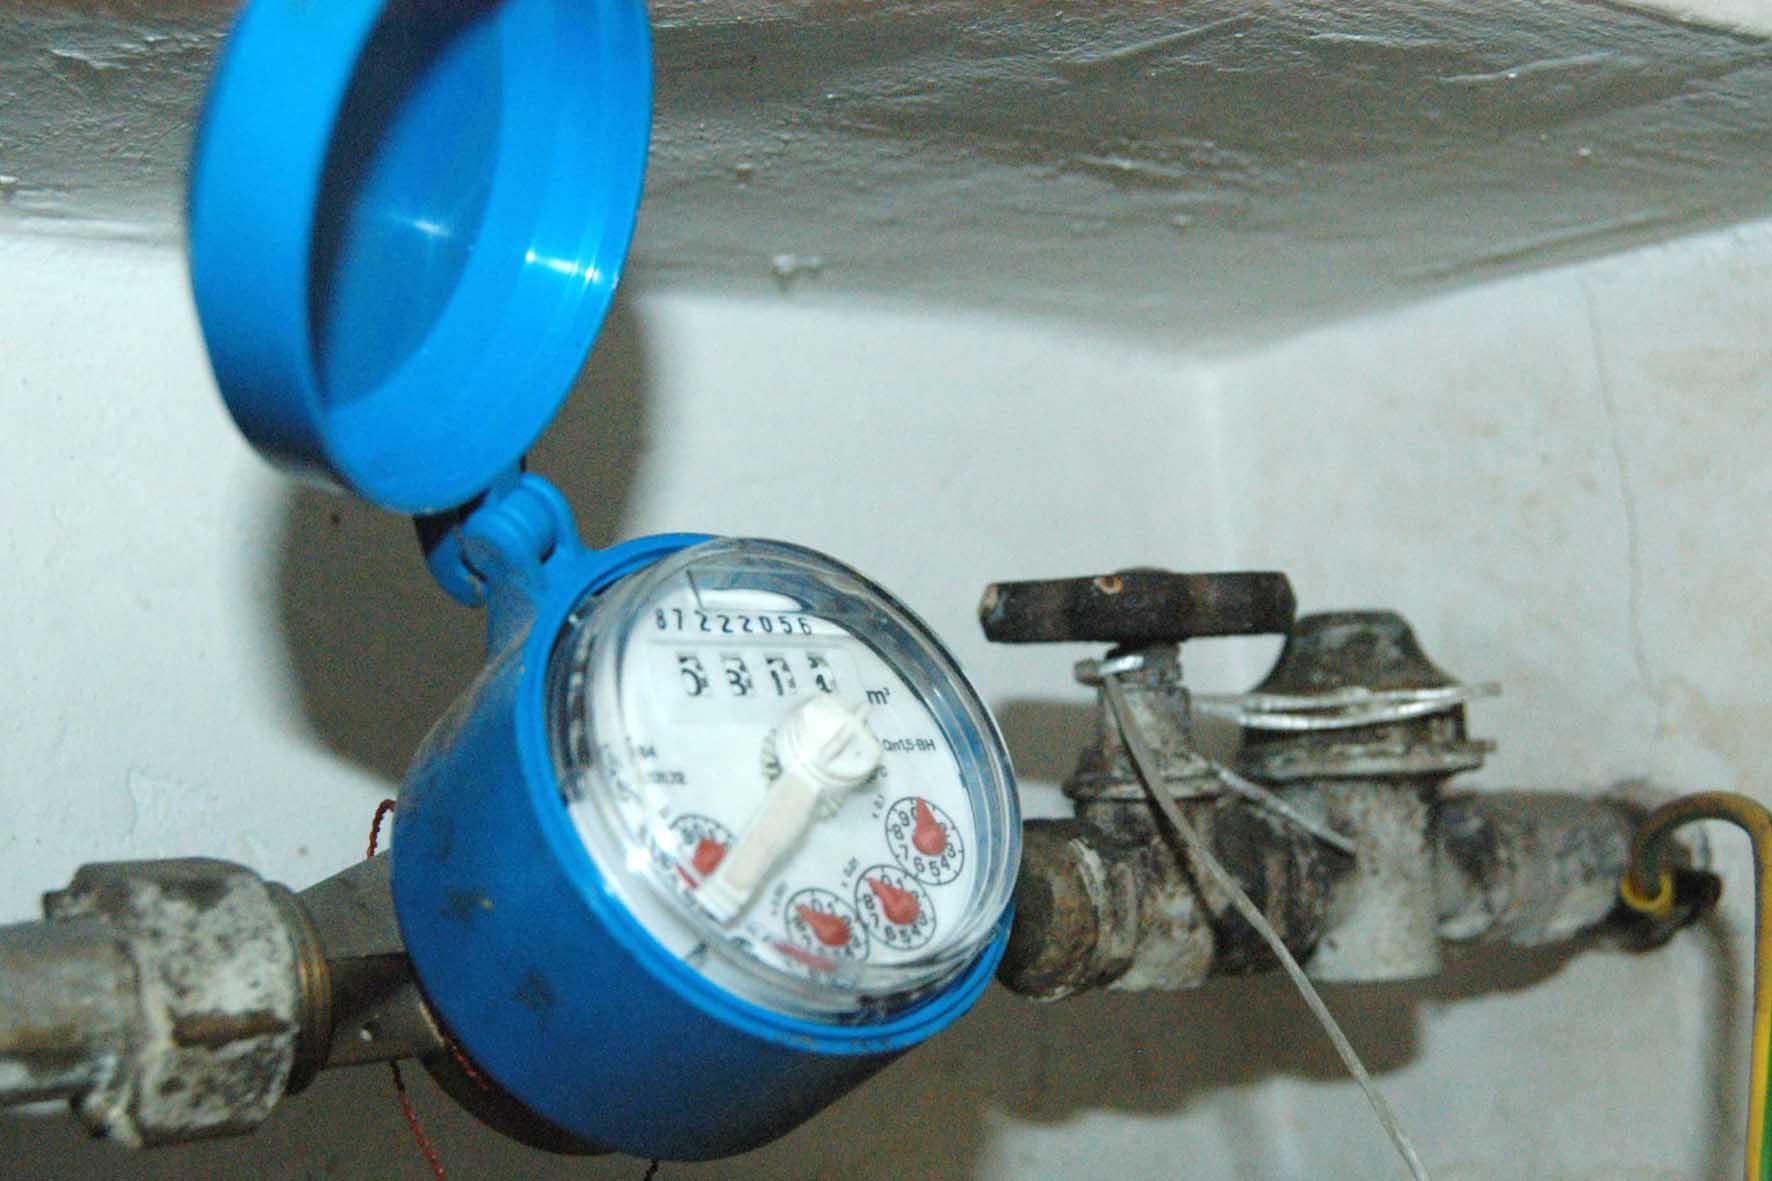 Salerno sistemi spa allarme gelo per i contatori dell 39 acqua for Uniform spa sistemi per serramenti